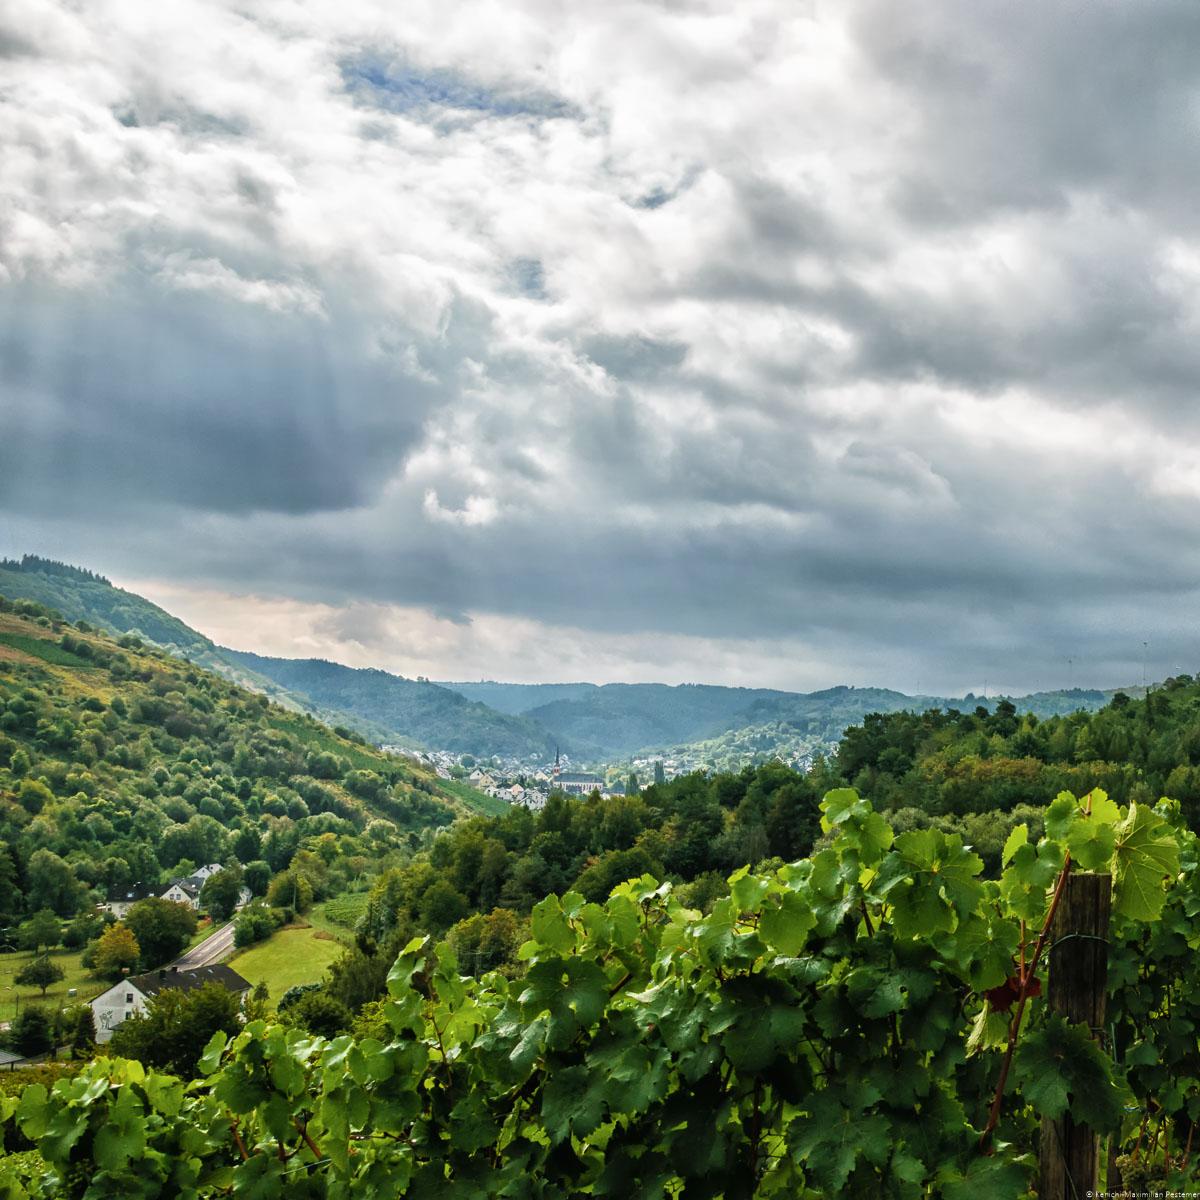 Vom Feller Maximiner Burgberg aus kann man einen dynamischen Blick ins Feller Tal werfen. Im Hintergrund erblickt man bewaldete Hügel. Der Himmel ist bewölkt.